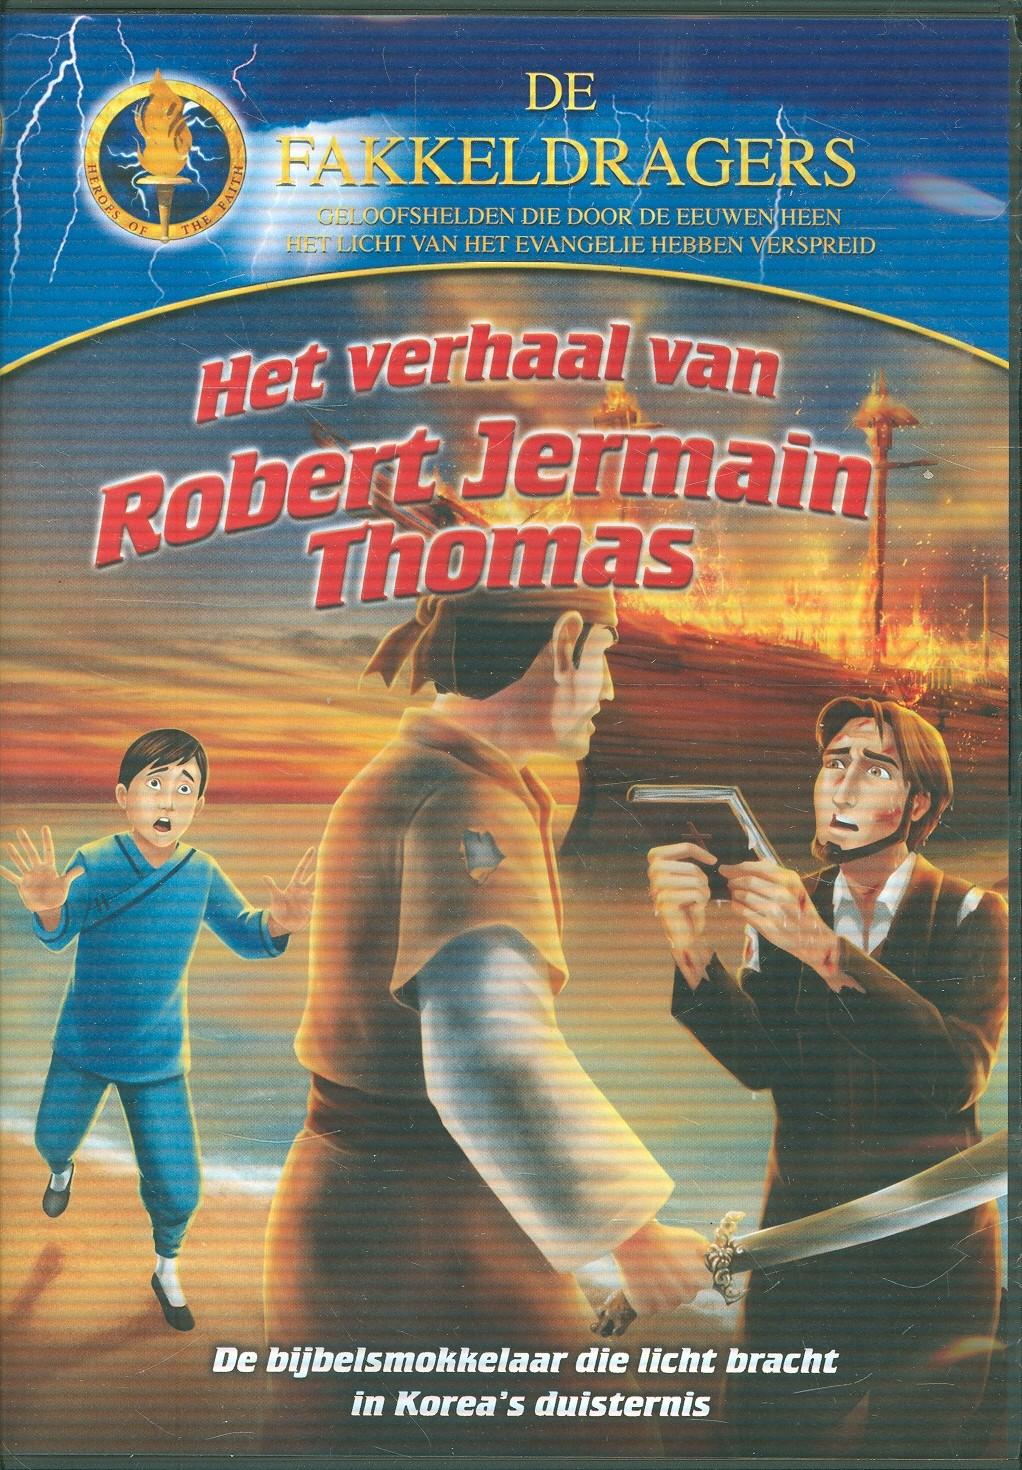 Het verhaal Van Robert Jermaine Thomas